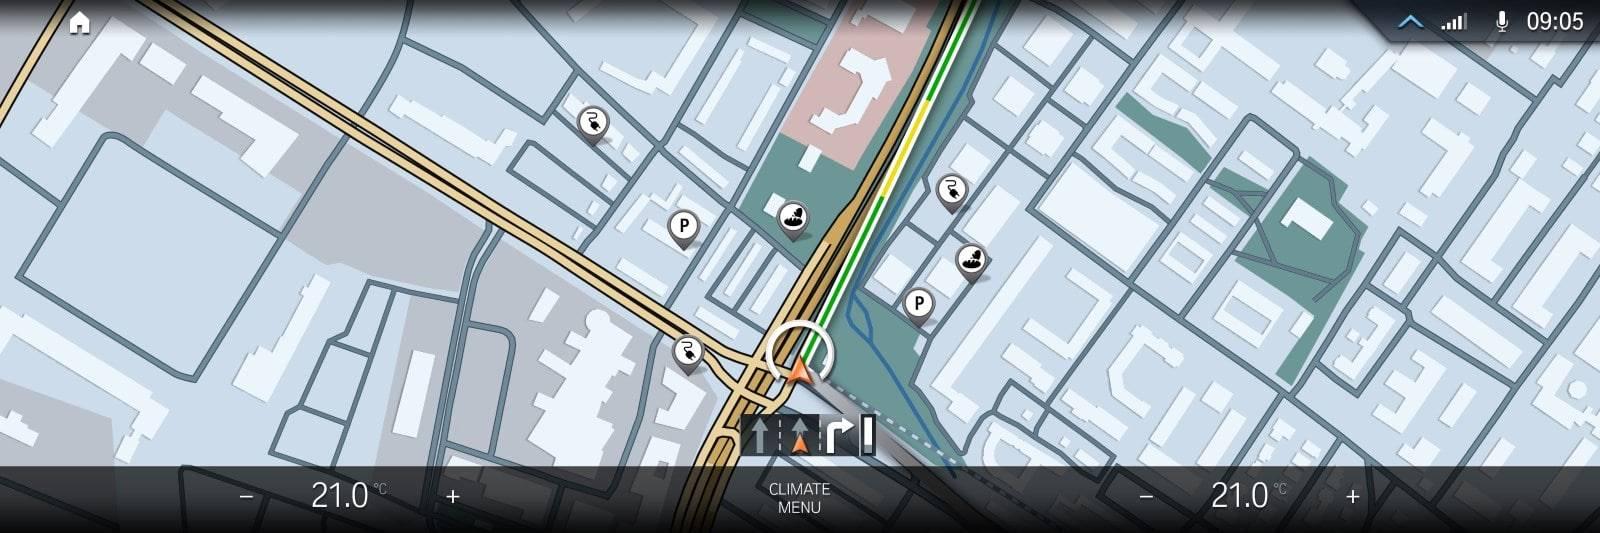 BMW iDrive - новая мультимедийная система на ОС BMW 8 6